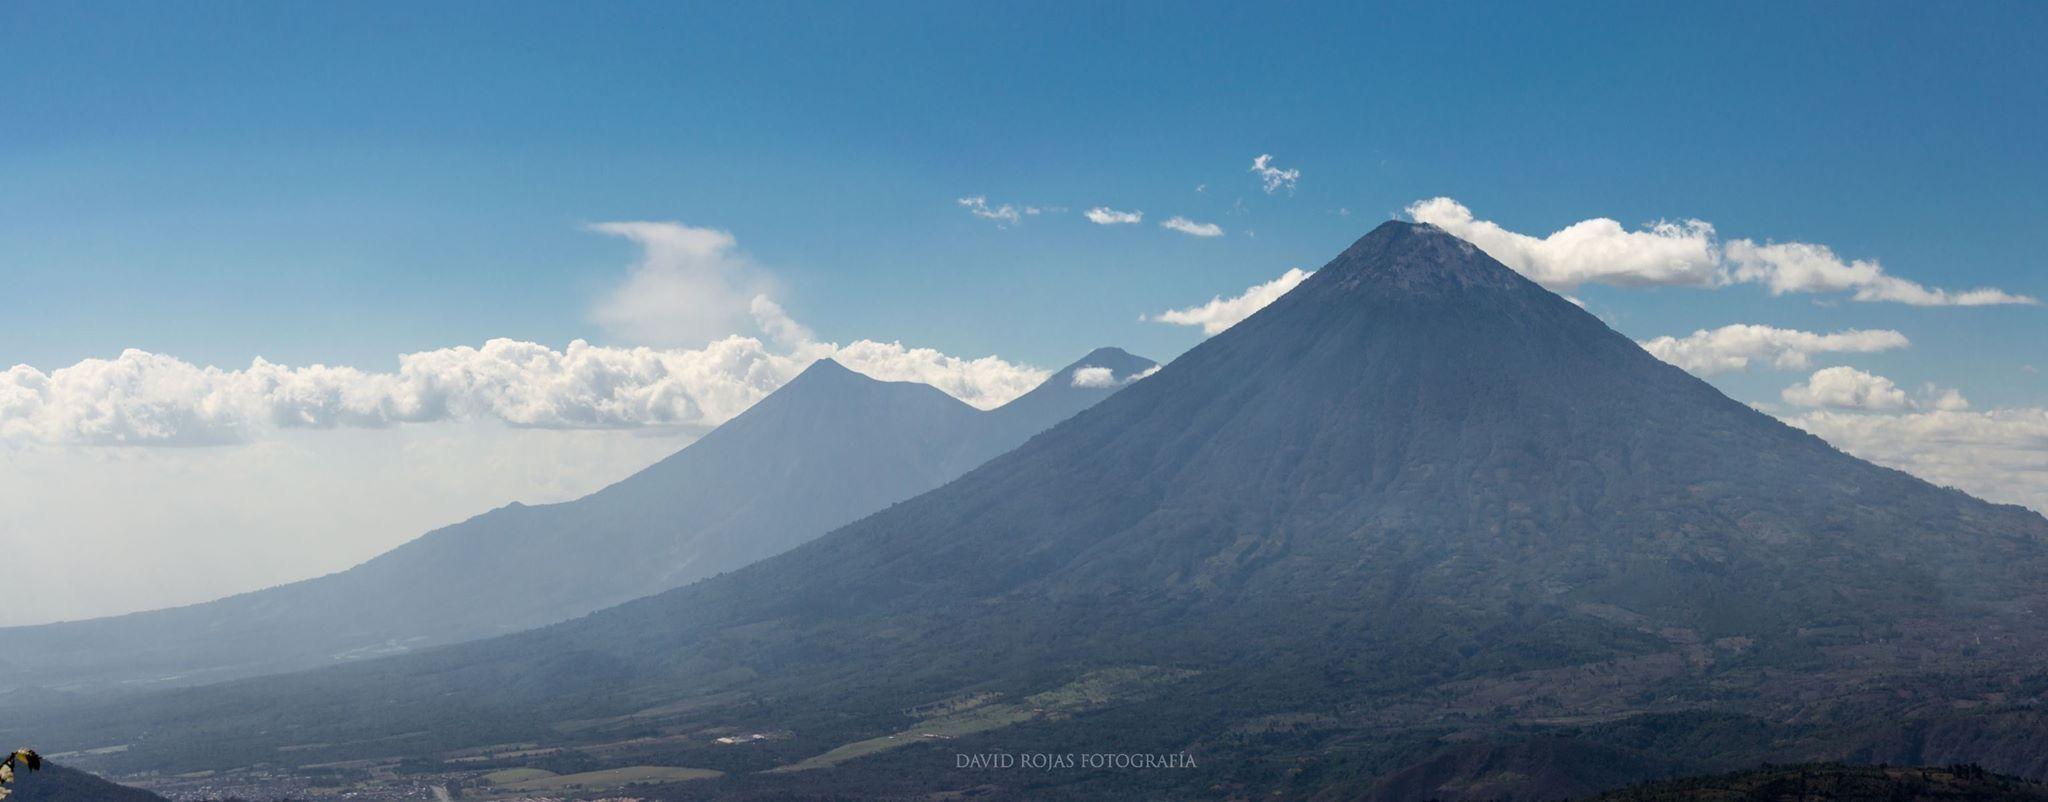 La Trilogía, volcanes Agua, Acatenango y Fuego desde el Pacaya.  David Rojas Photografia   #Guatemala